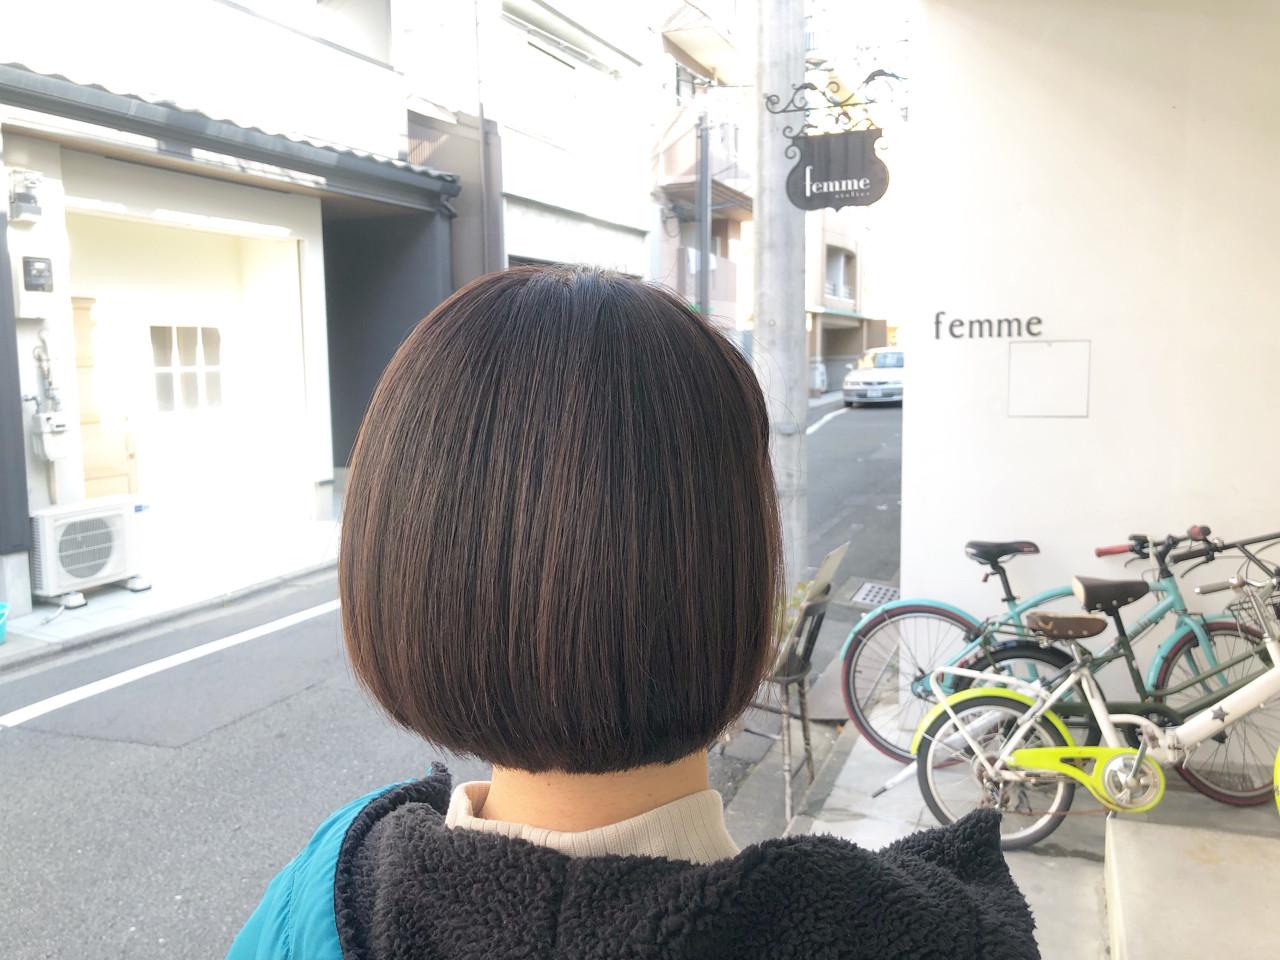 ナチュラル オフィス 色気 グレージュ ヘアスタイルや髪型の写真・画像